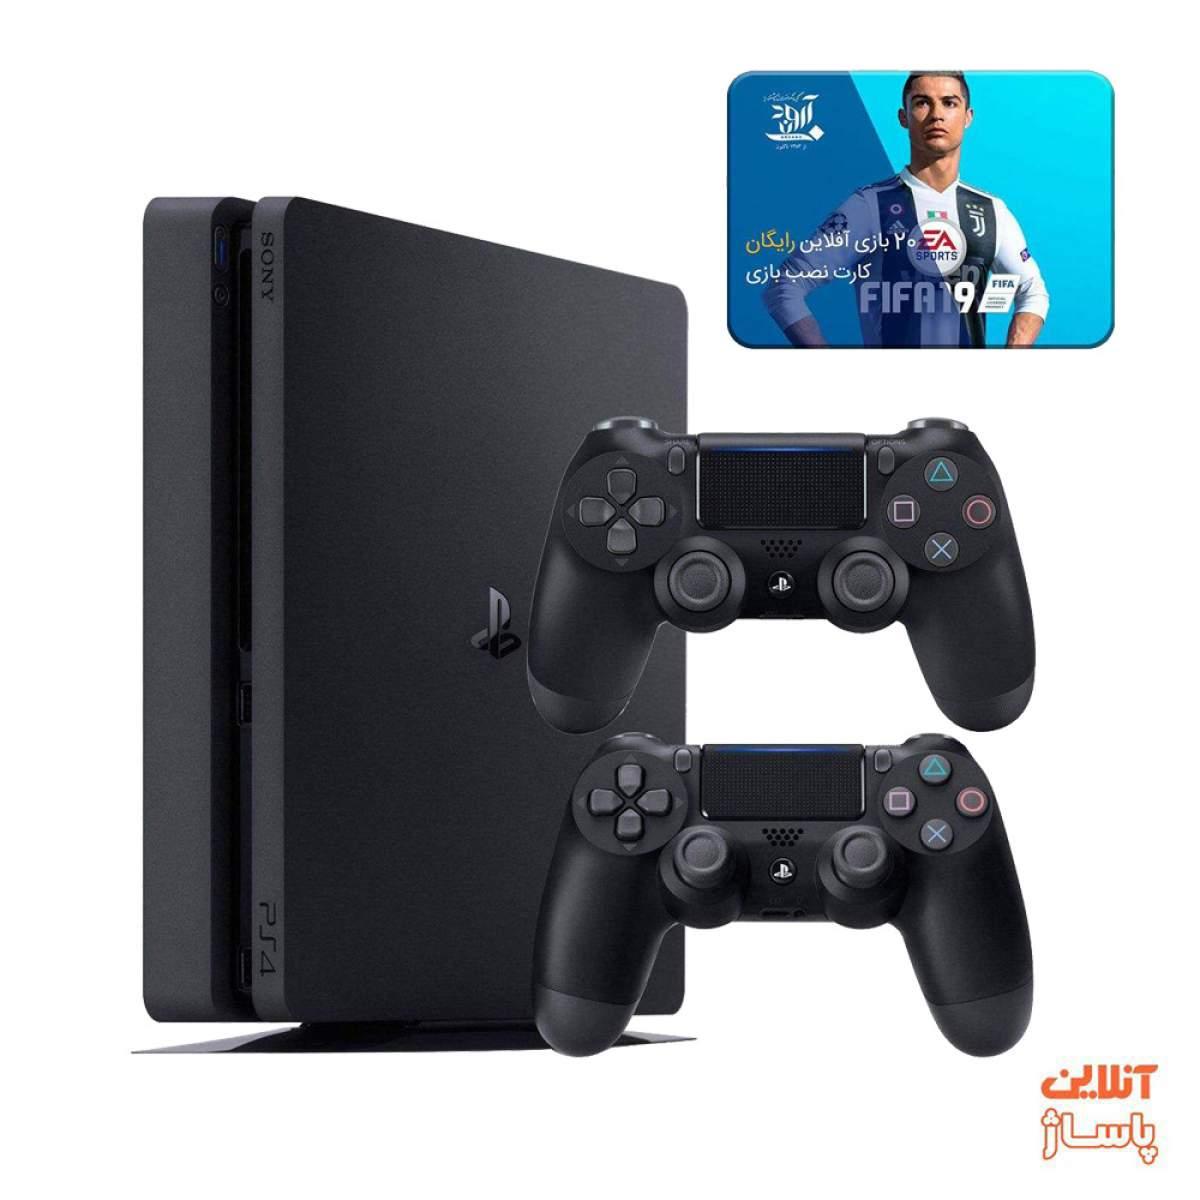 کنسول بازی سونی مدل Playstation 4 Slim ریجن 3 کد CUH-2218B ظرفیت 1 ترابایت به همراه 20 عدد بازی